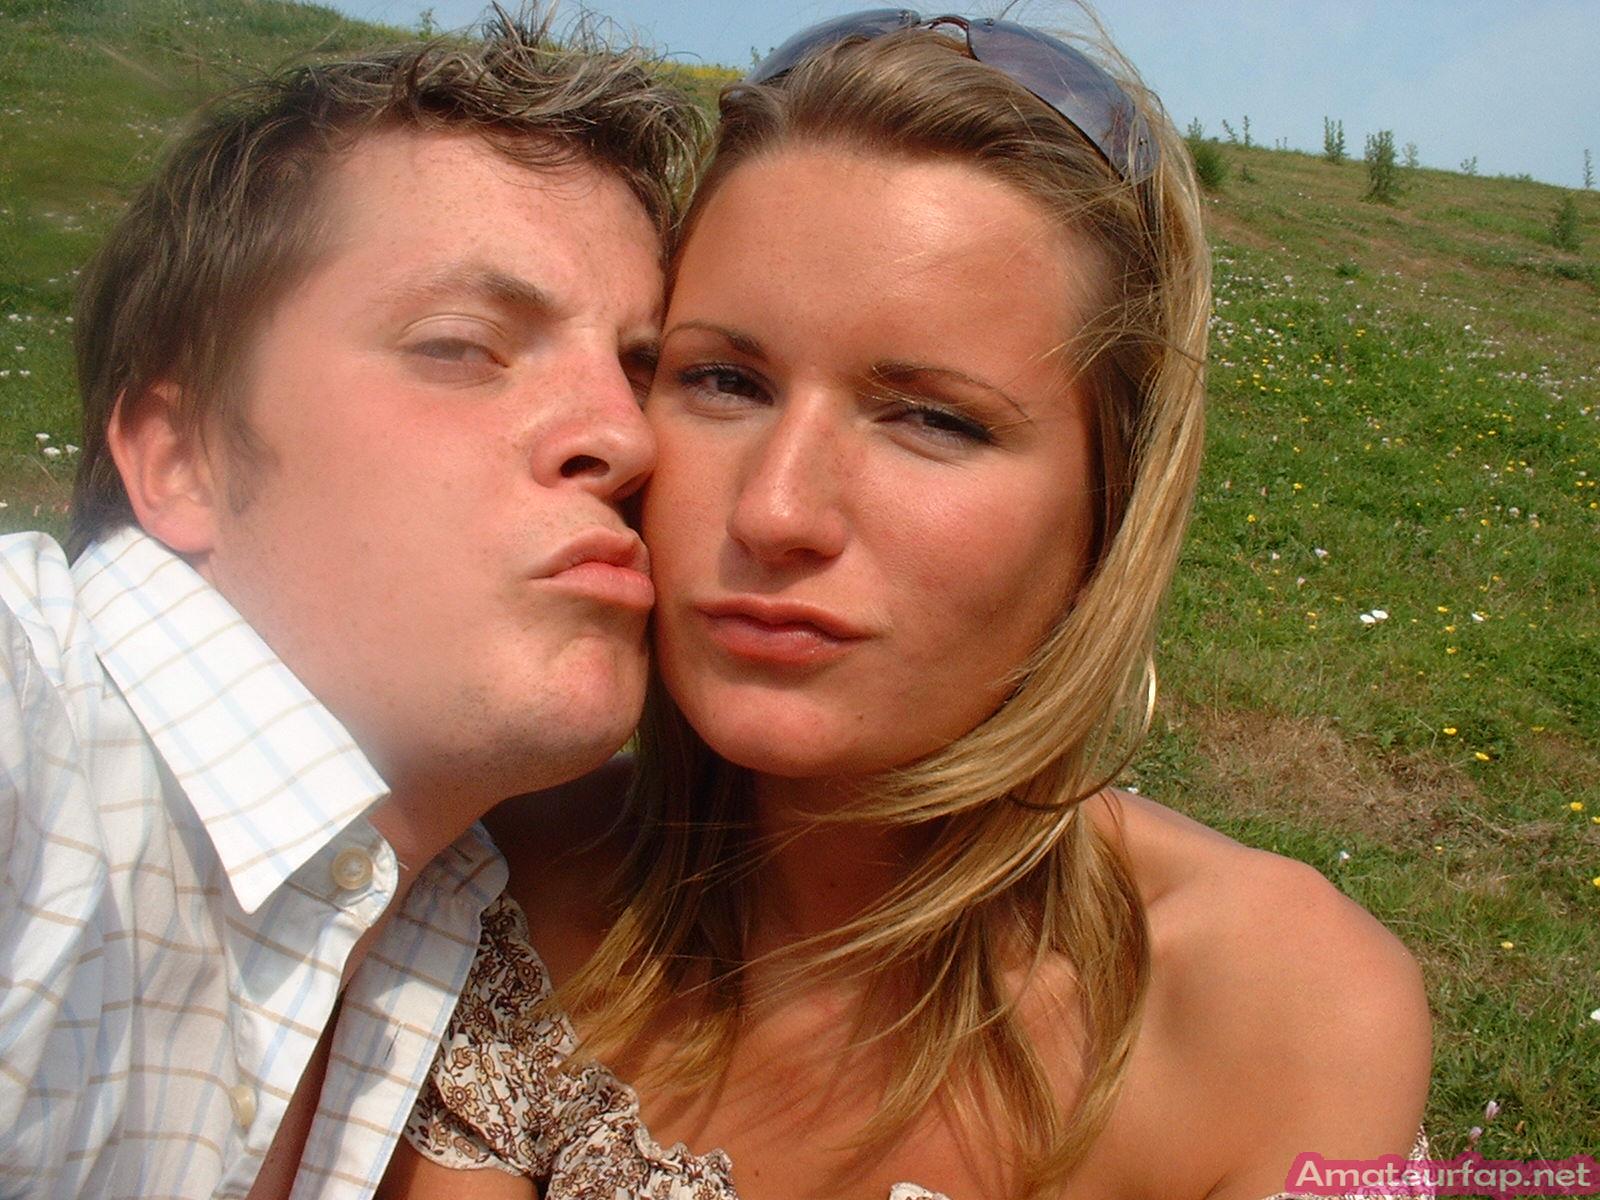 Привлекательная модель со свелыми волосами лижет у супруга только по праздникам, когда выпьет